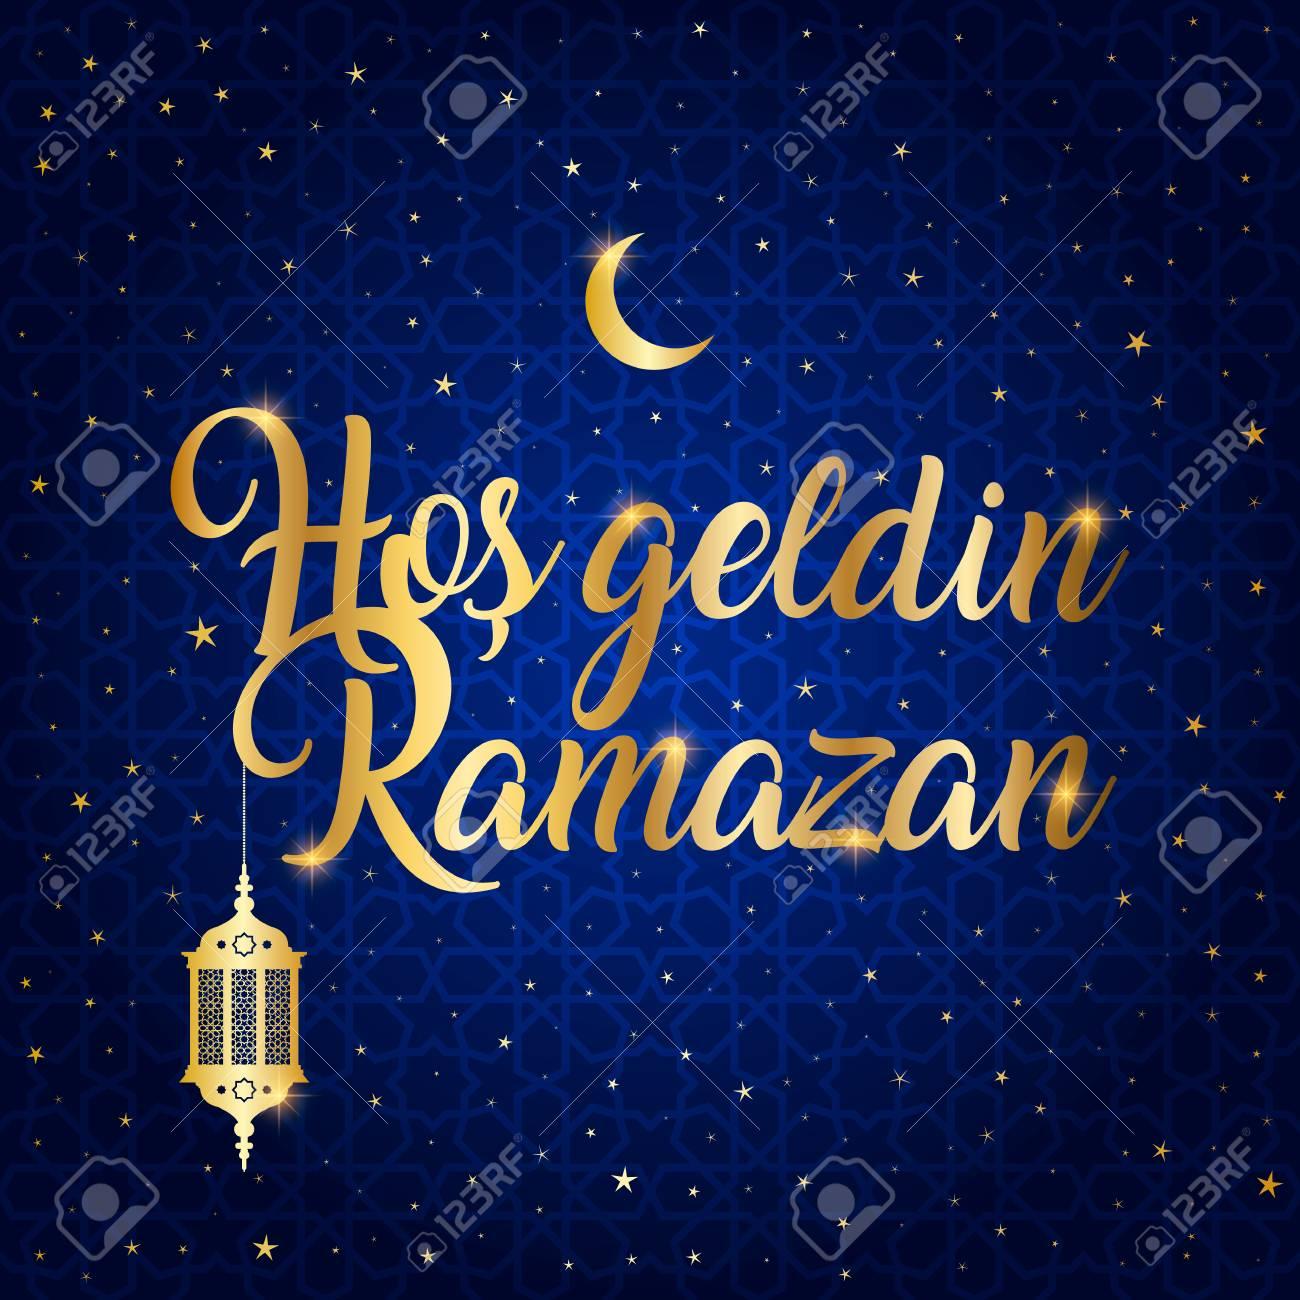 Ramadan ramadan welcome ramadan greeting card turkish hos ramadan ramadan welcome ramadan greeting card turkish hos geldin ramazan stock m4hsunfo